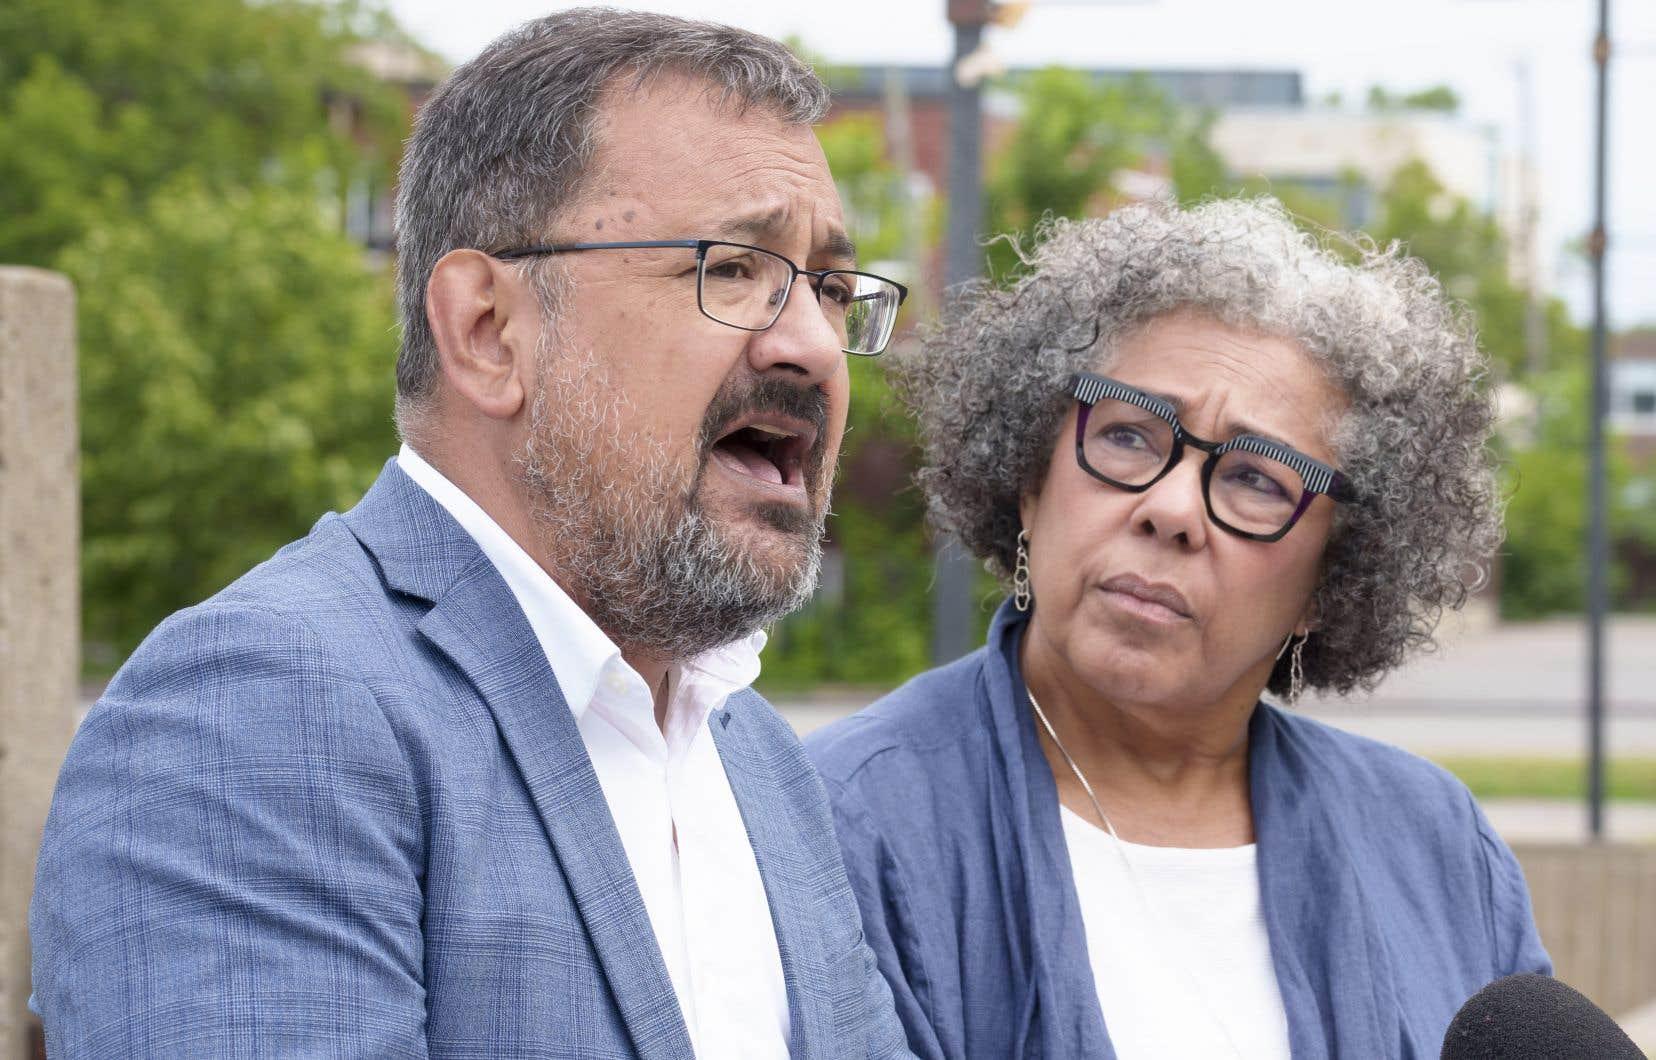 La directrice générale de la Maison d'Haïti, Marjorie Villefranche, et le député solidaire de Laurier-Dorion, Andrés Fontecilla, ont dénoncé cette intervention policière.